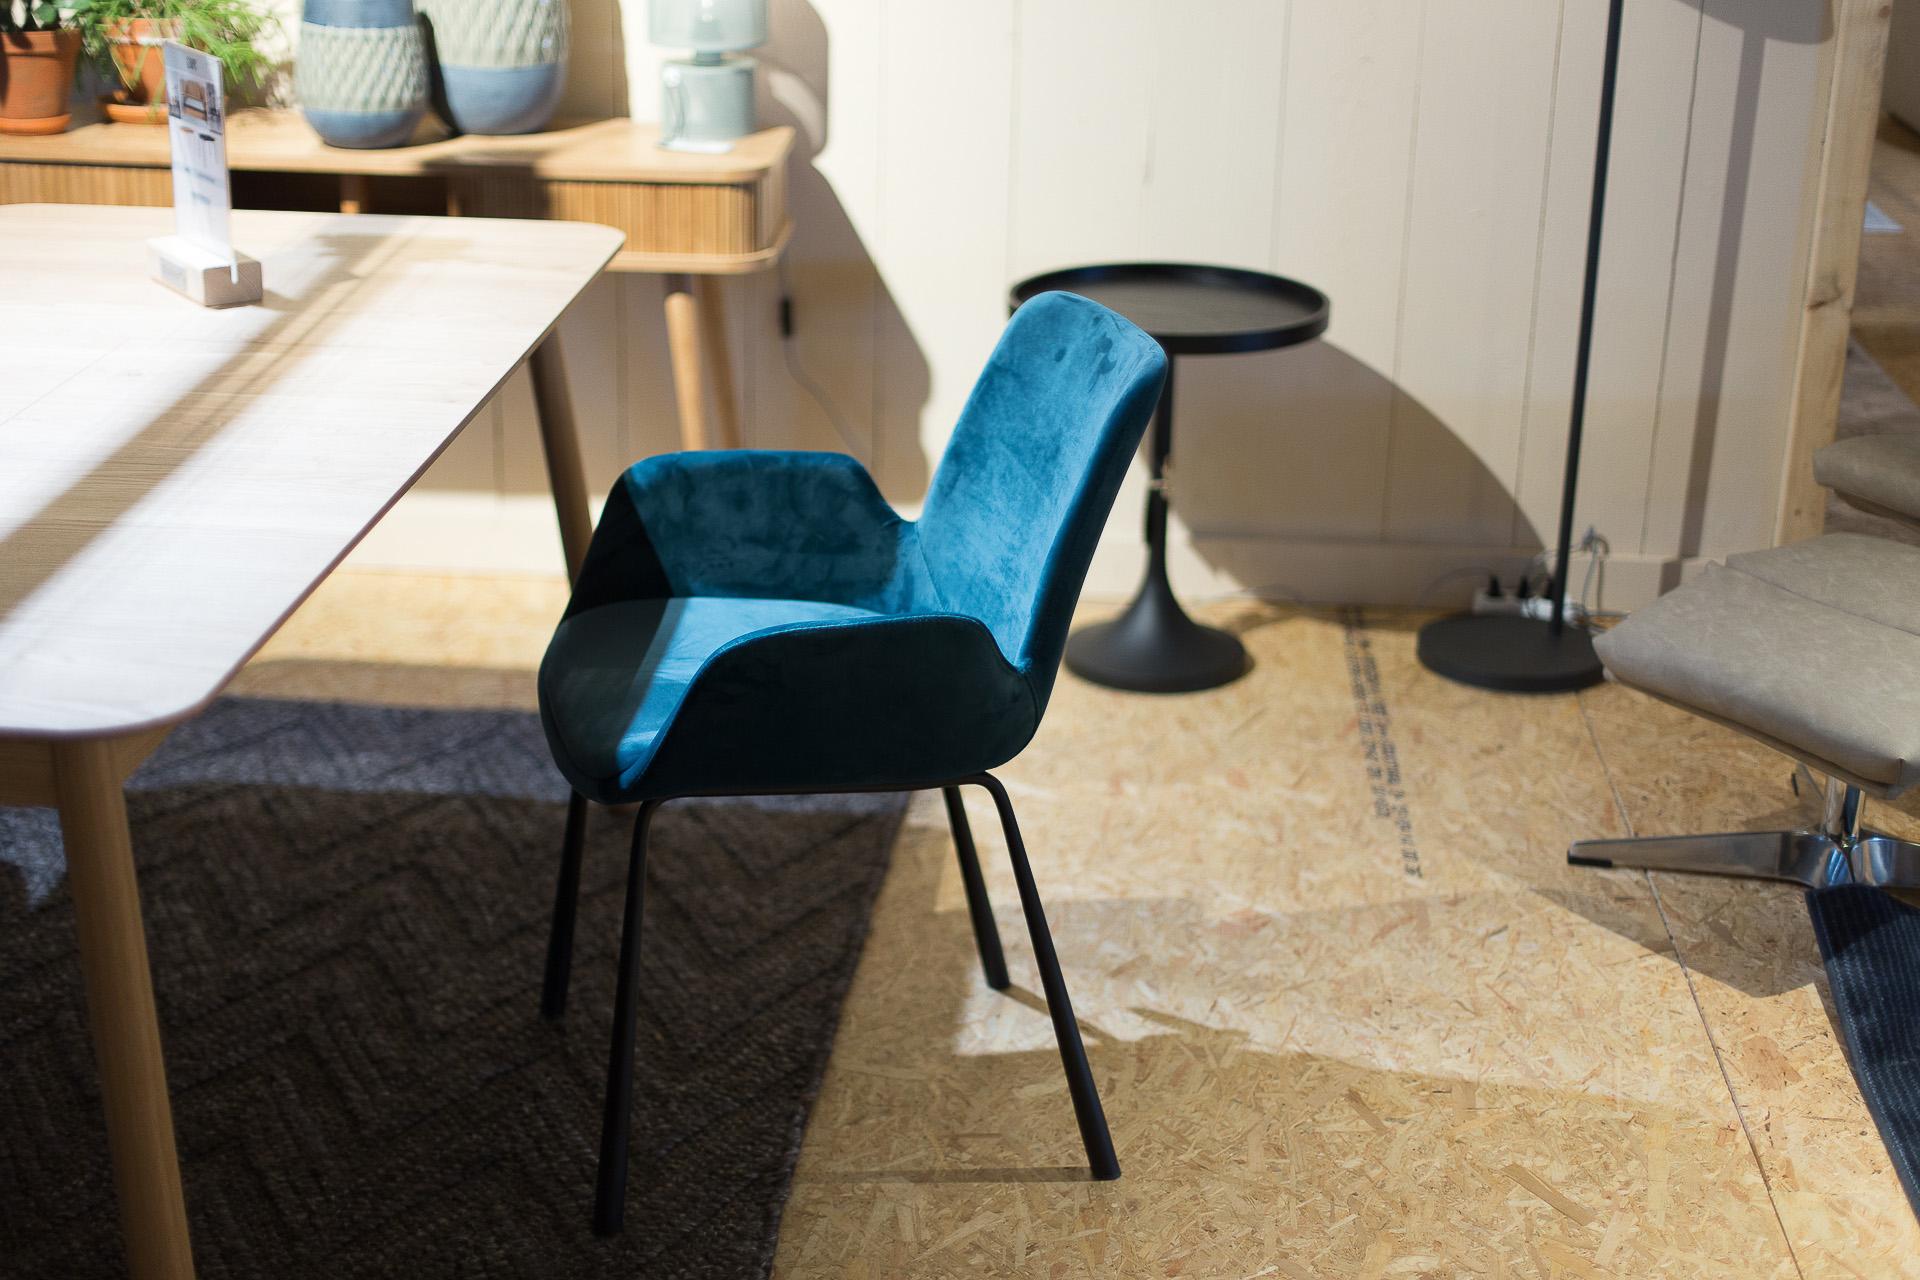 Inneneinrichtung Heidelberg, Mannheim, Stuttgart - Gaffga Interieur Design - Moebel von Zuiver, Stuhl und Tisch